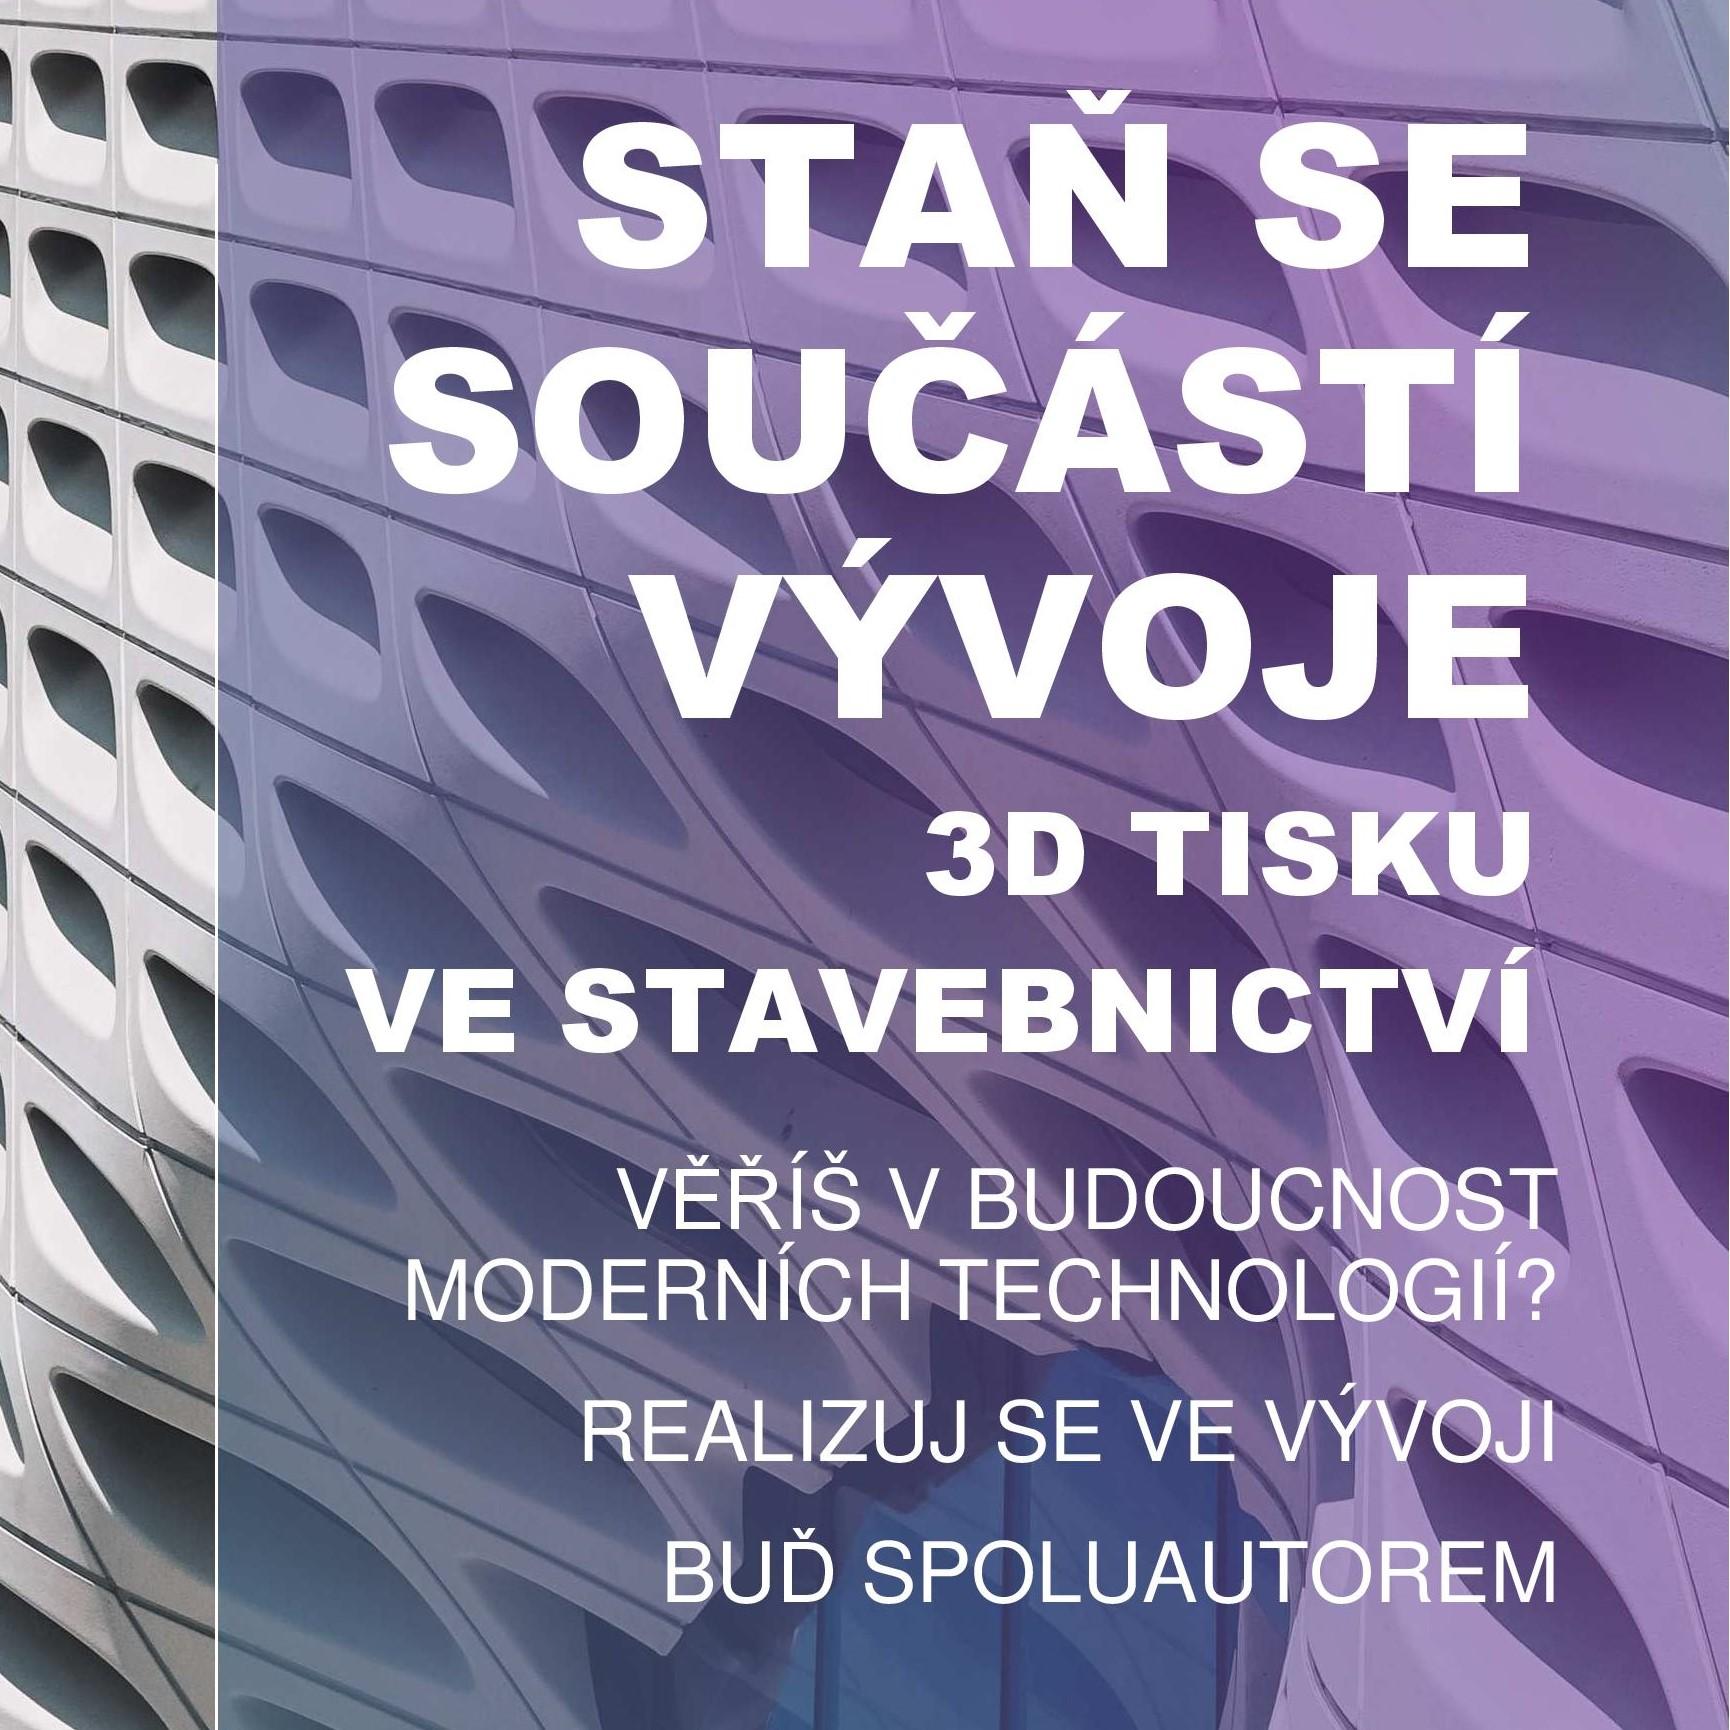 stan_se_soucasti_vyvoje-page-001.jpg